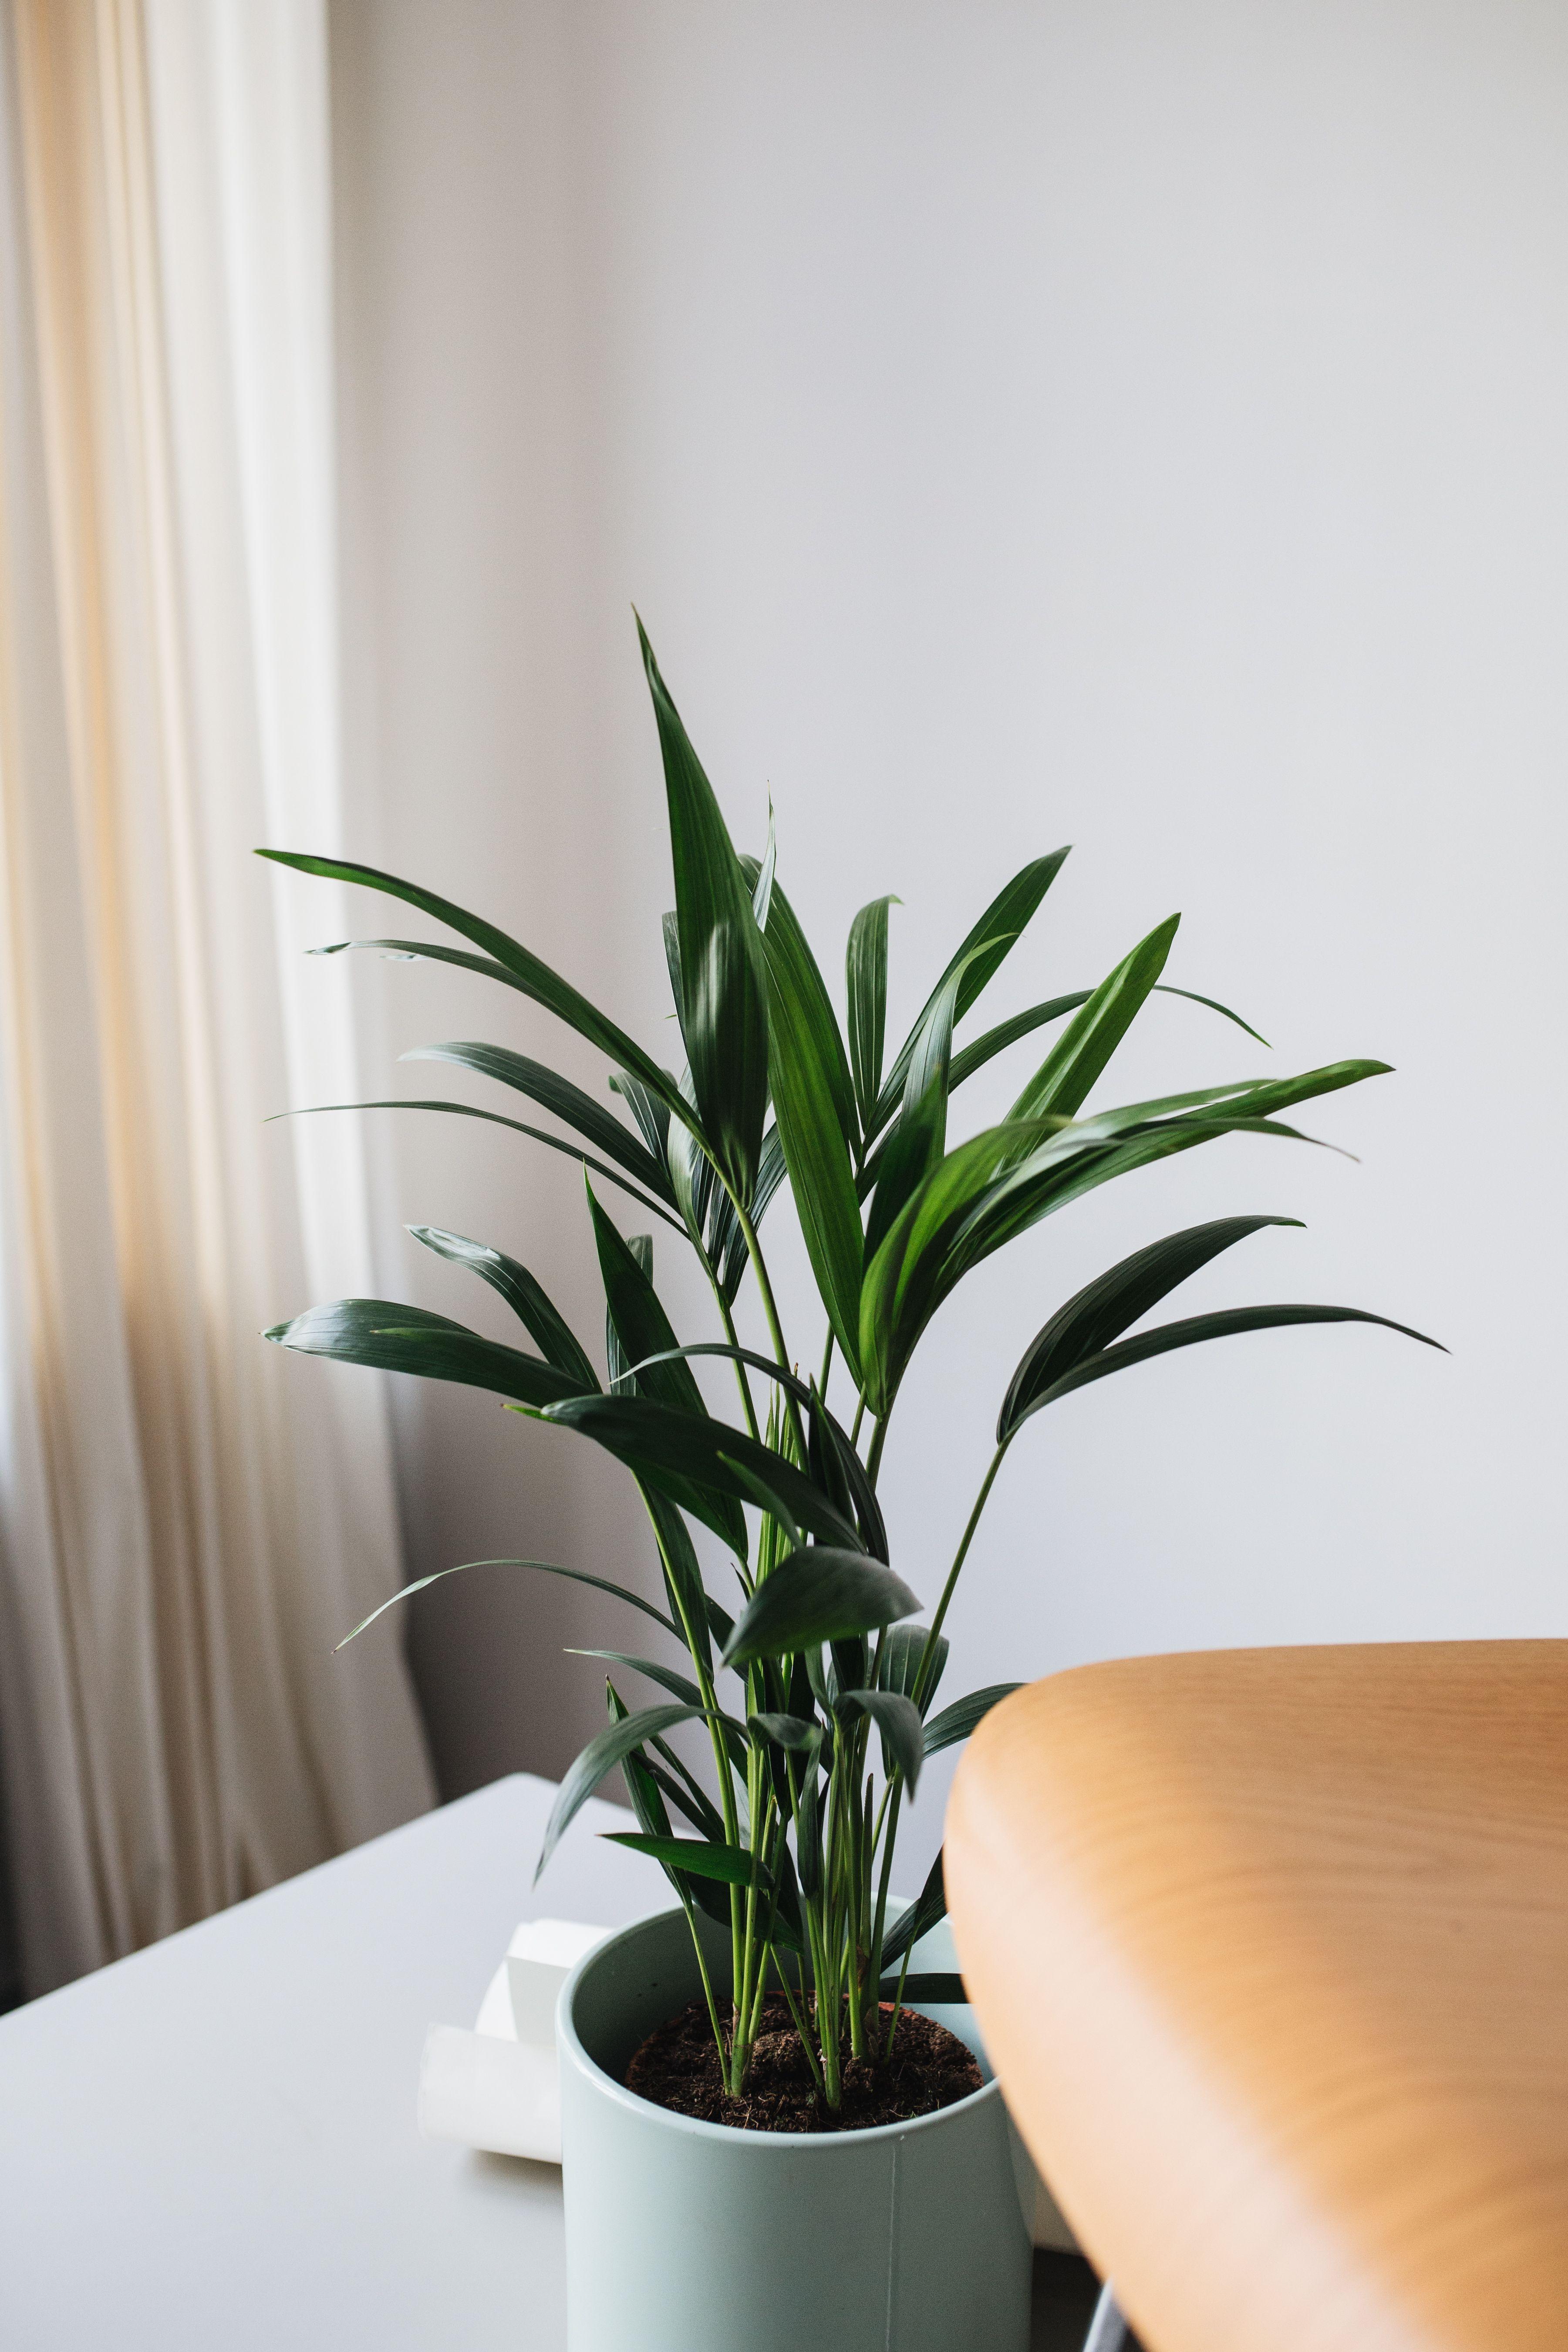 De Zimmerpflanzen Wenig Licht Hangepflanzen Zimmer Indoor Pflanzen Dekor